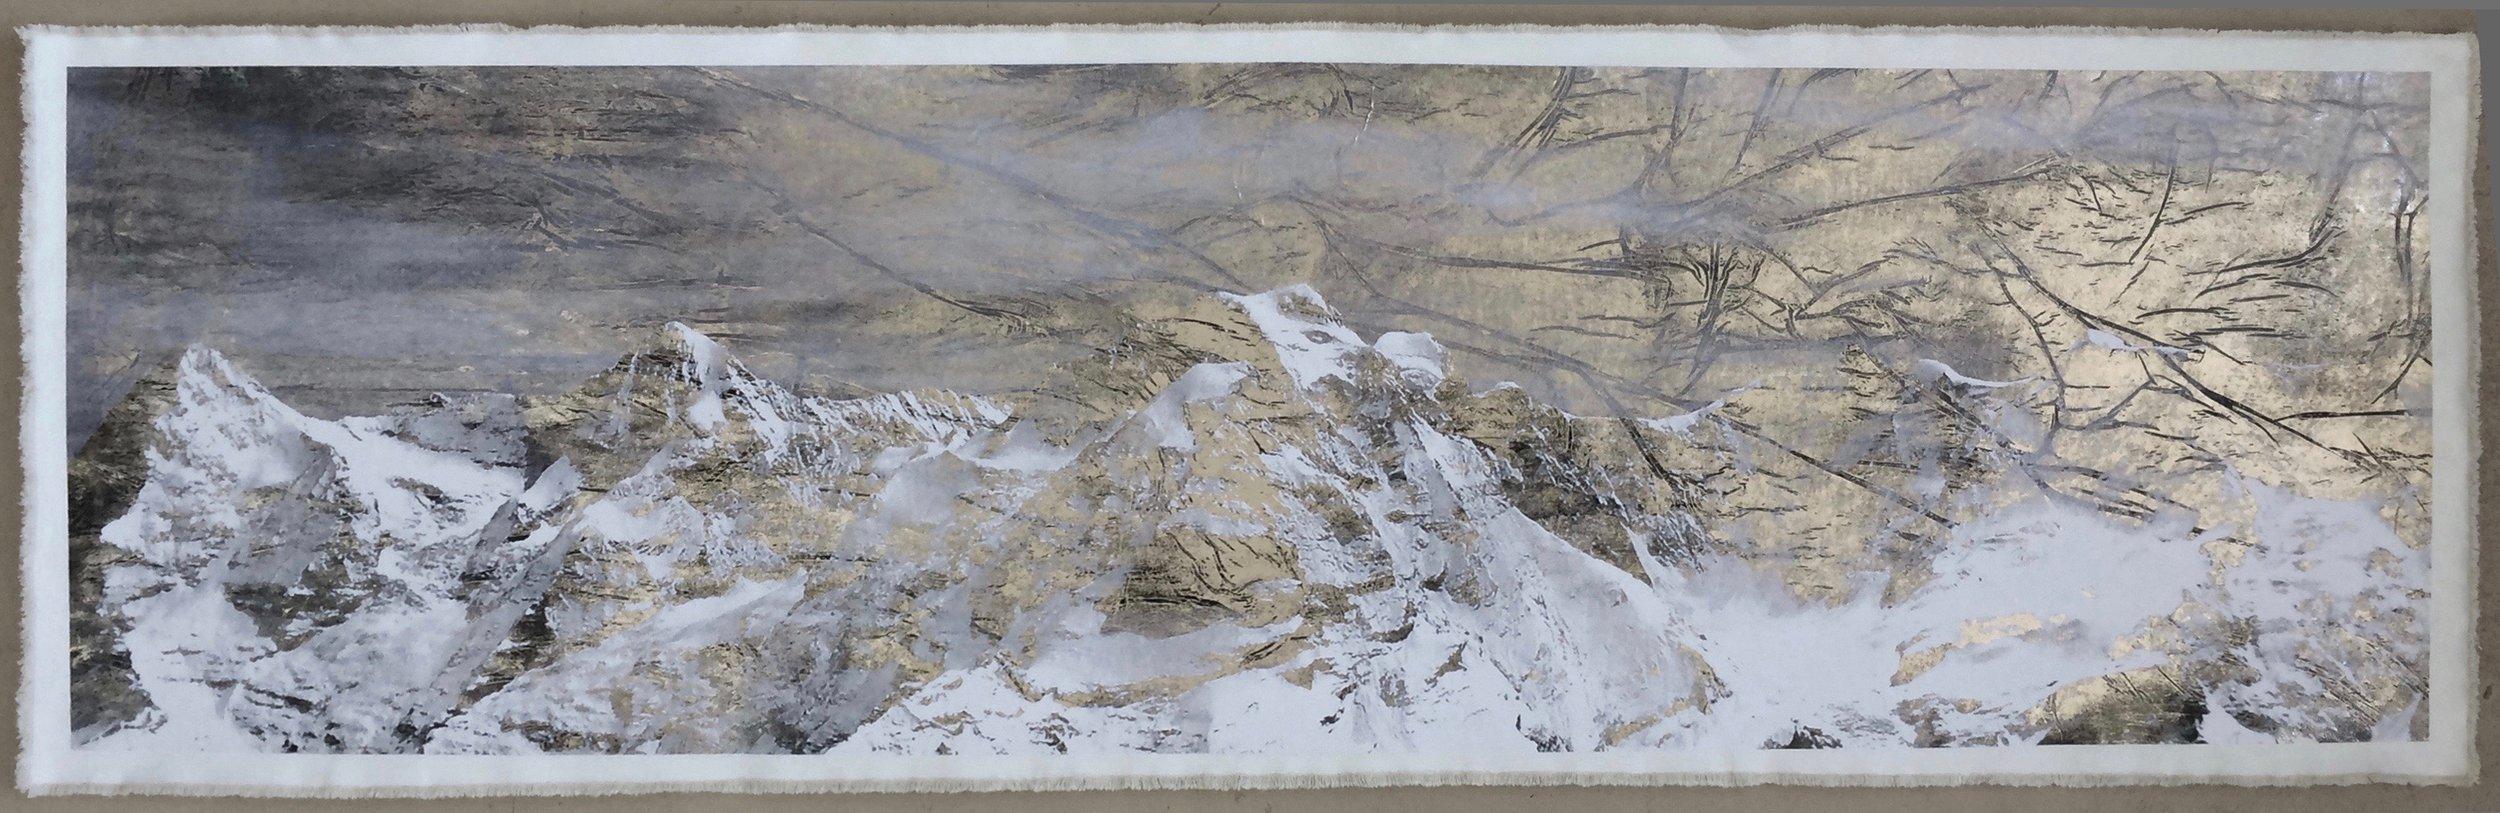 Jungfrau I